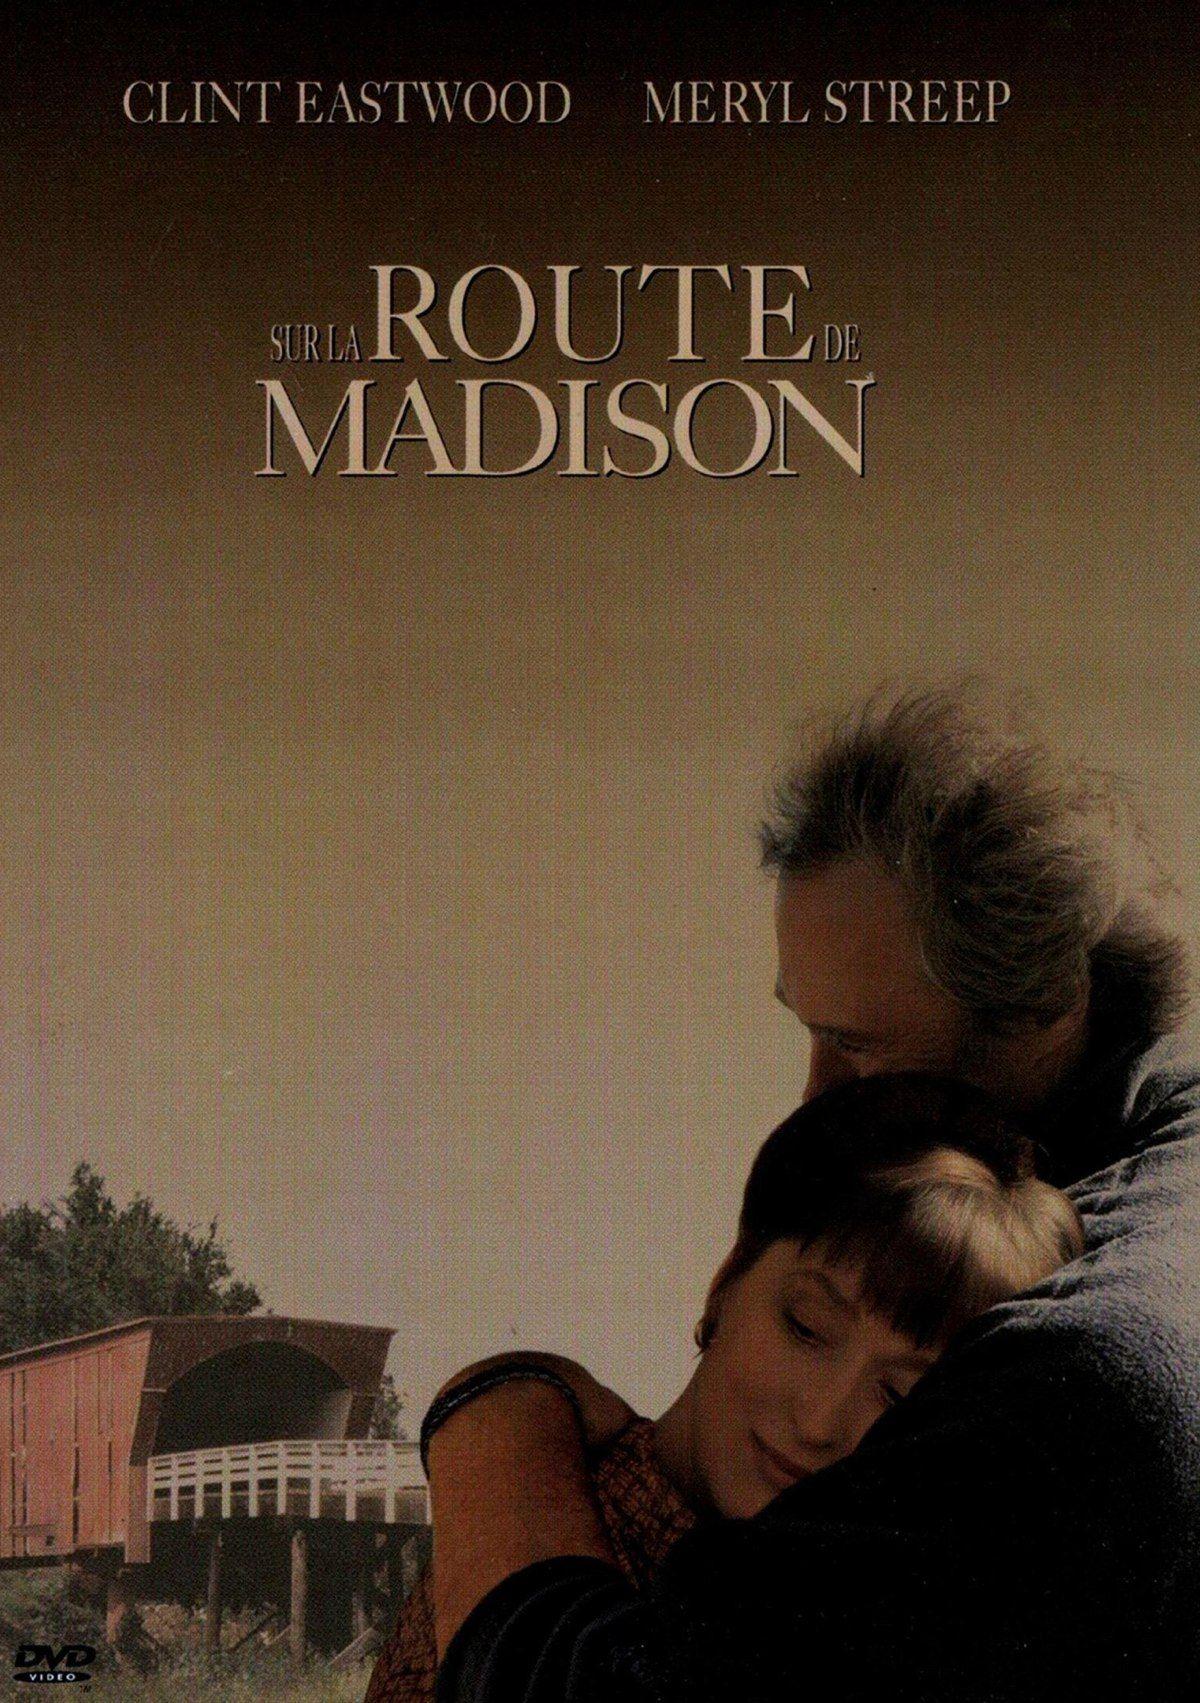 Sur la route de madison | Film d'amour, Clint eastwood, Affiche film